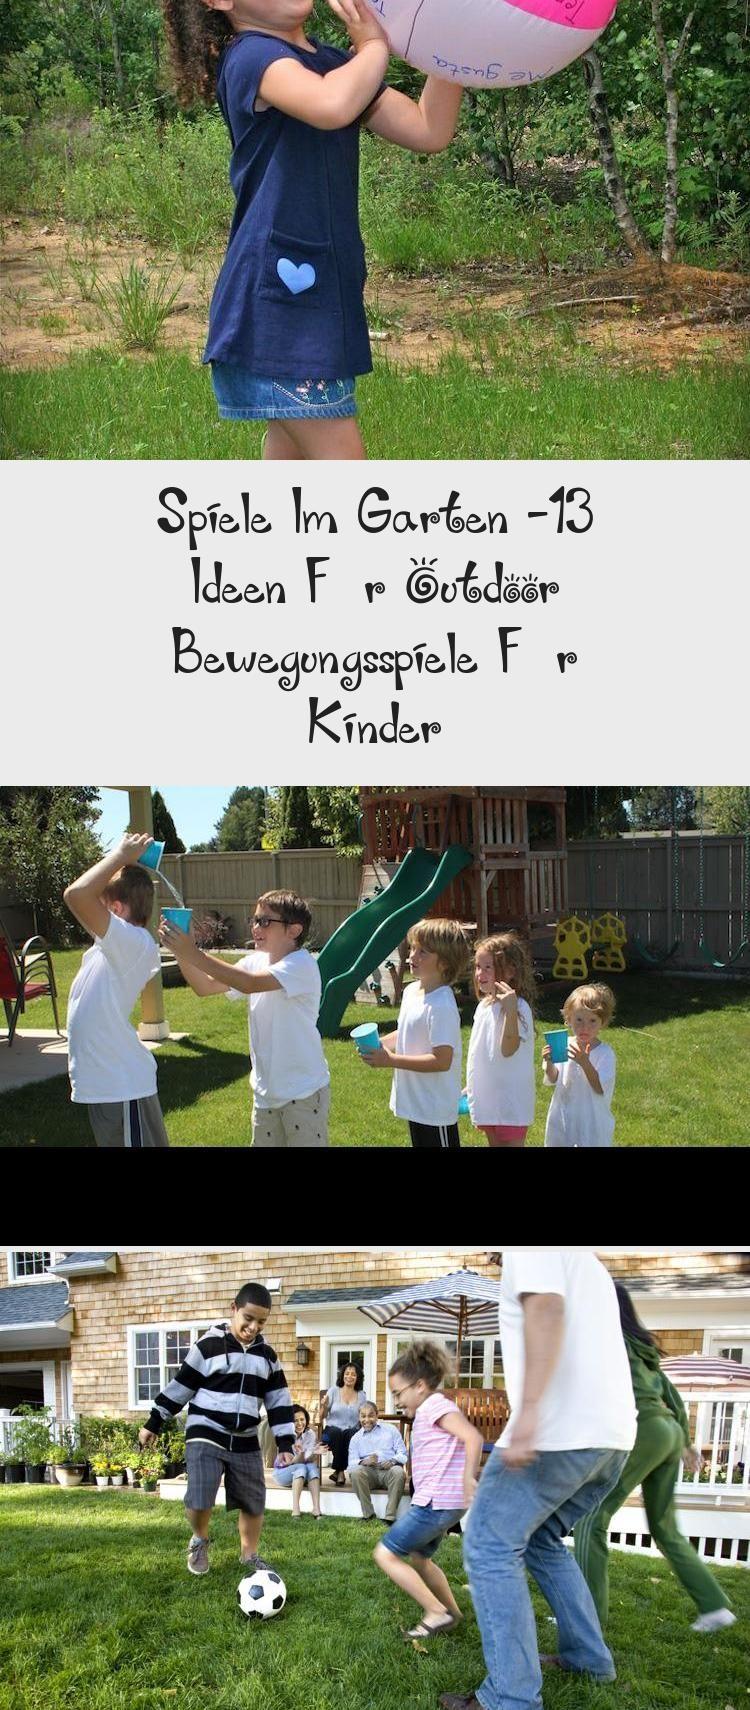 Spiele Im Garten 13 Ideen Fur Outdoor Bewegungsspiele Fur Kinder Spiele Im Garten Spiele Bewegungsspiele